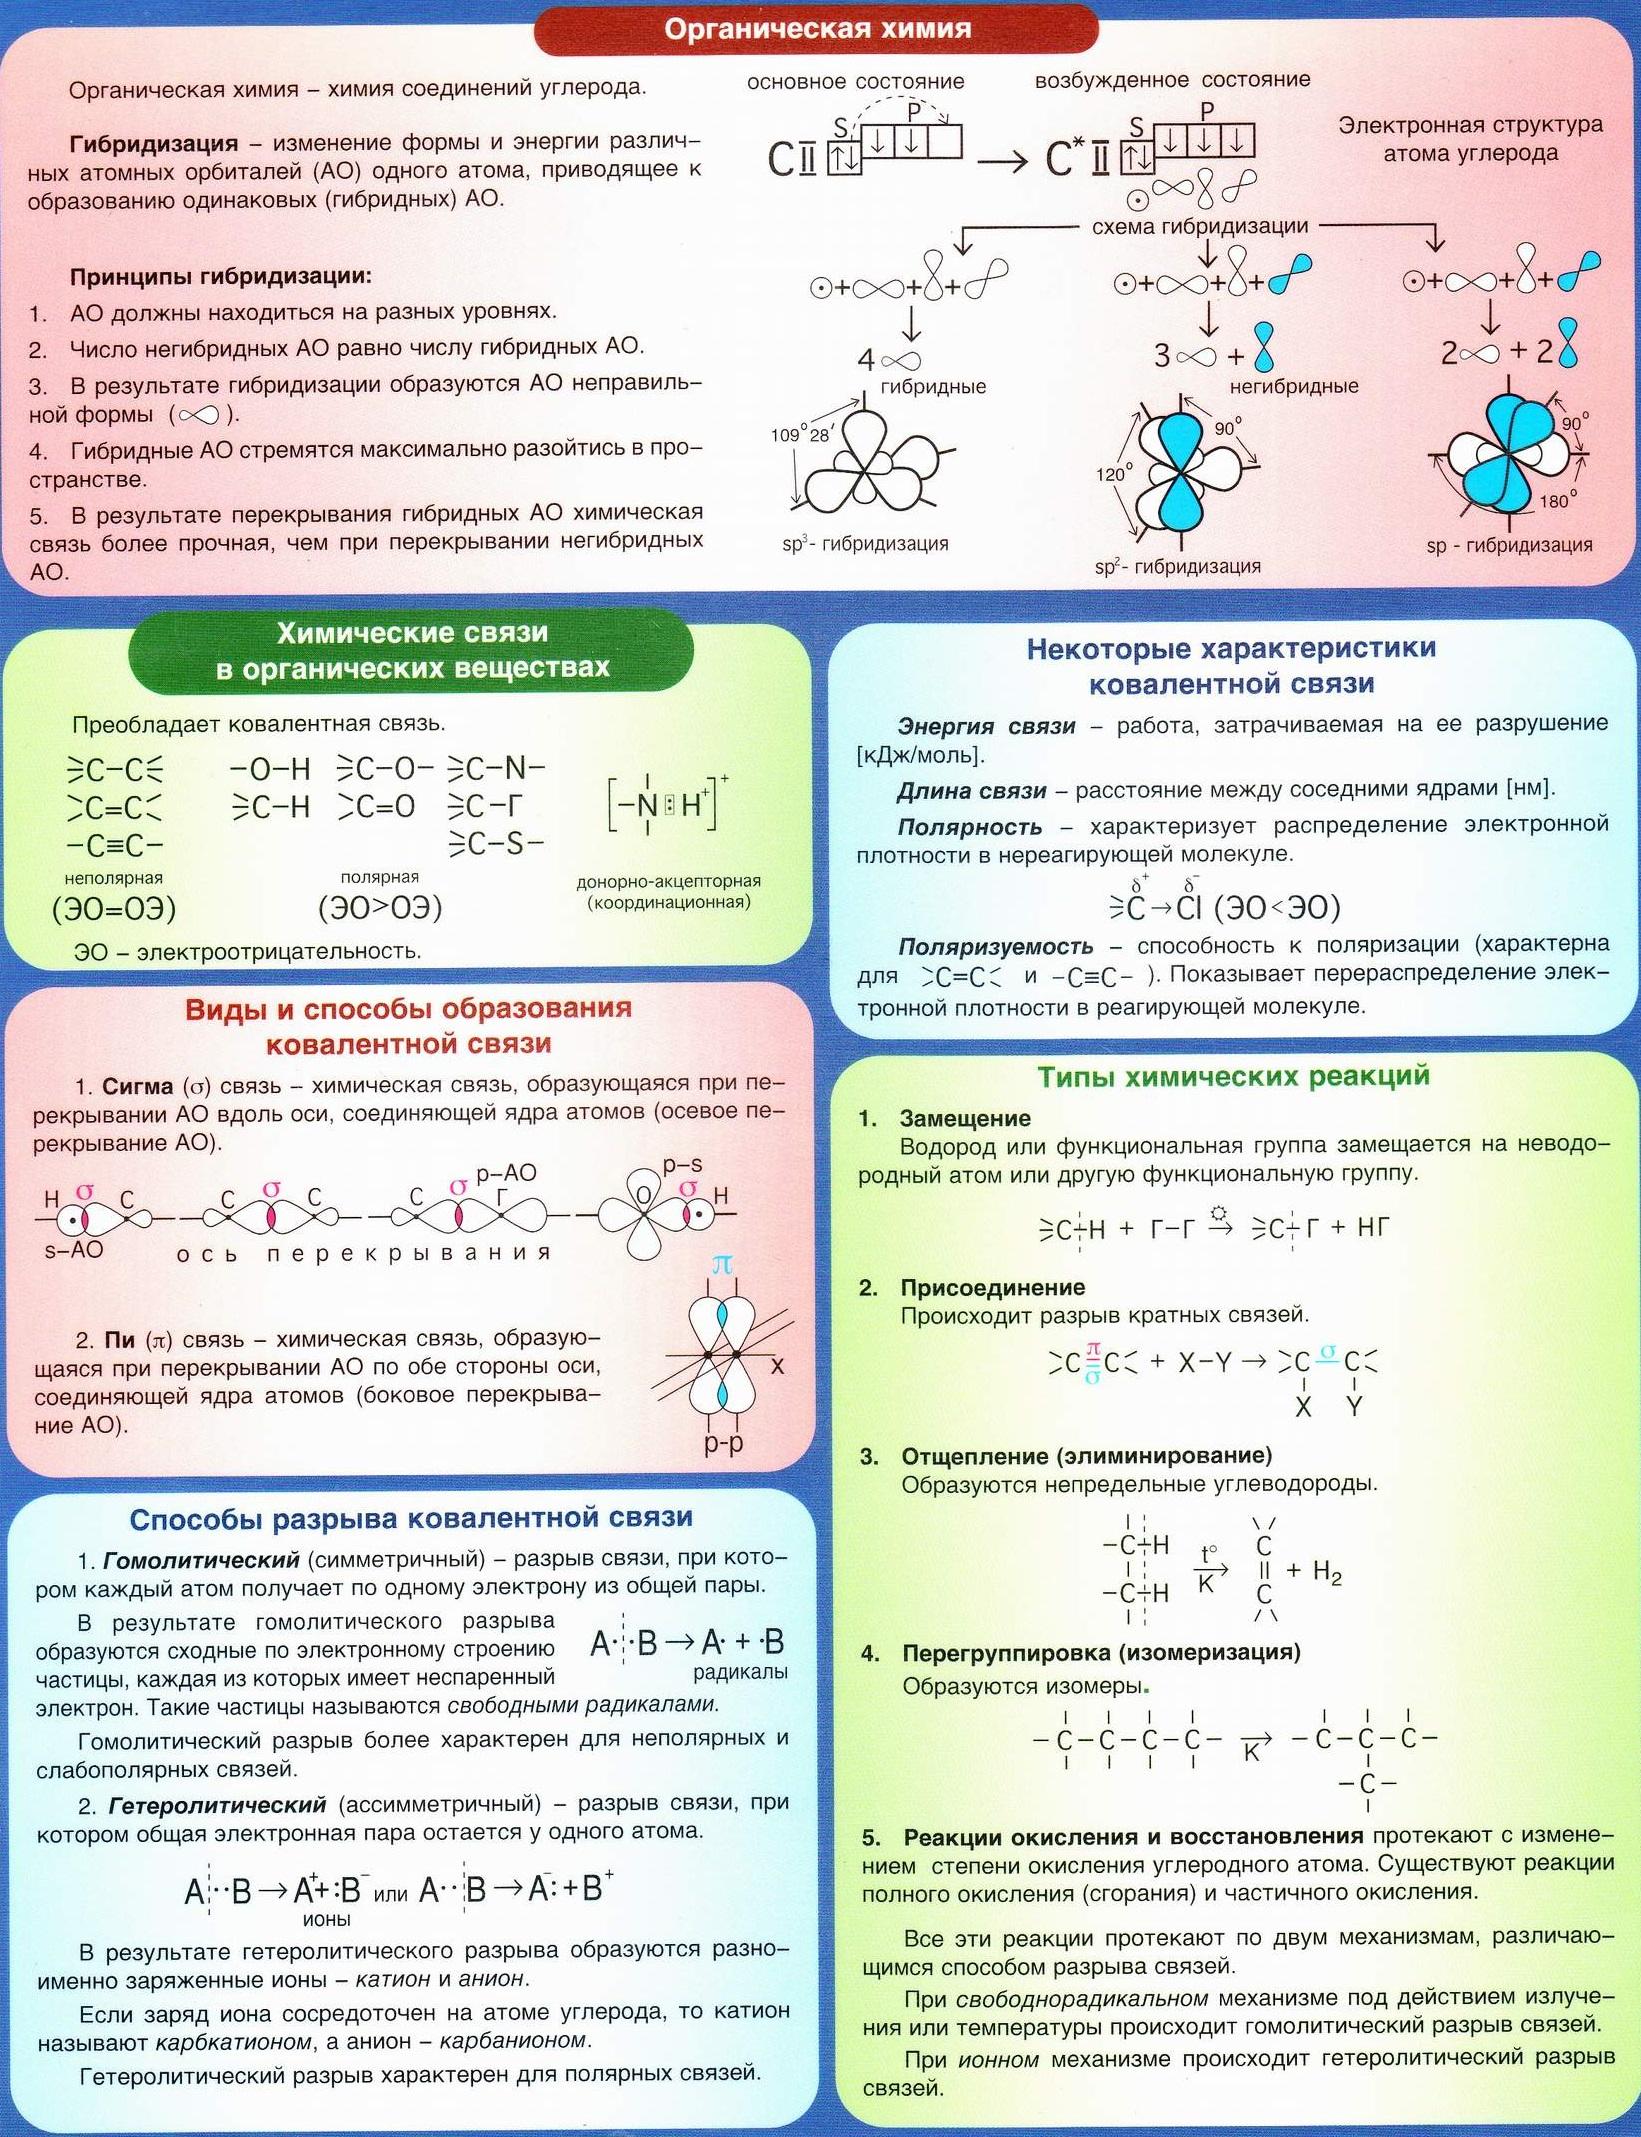 Органическая химия. Гибридизация. Химические связи в органических веществах, их характеристики. Типы химических реакций - замещение, присоединение, отщепление (элиминирование), перегруппировка (изомеризация), окисления и восстановления.